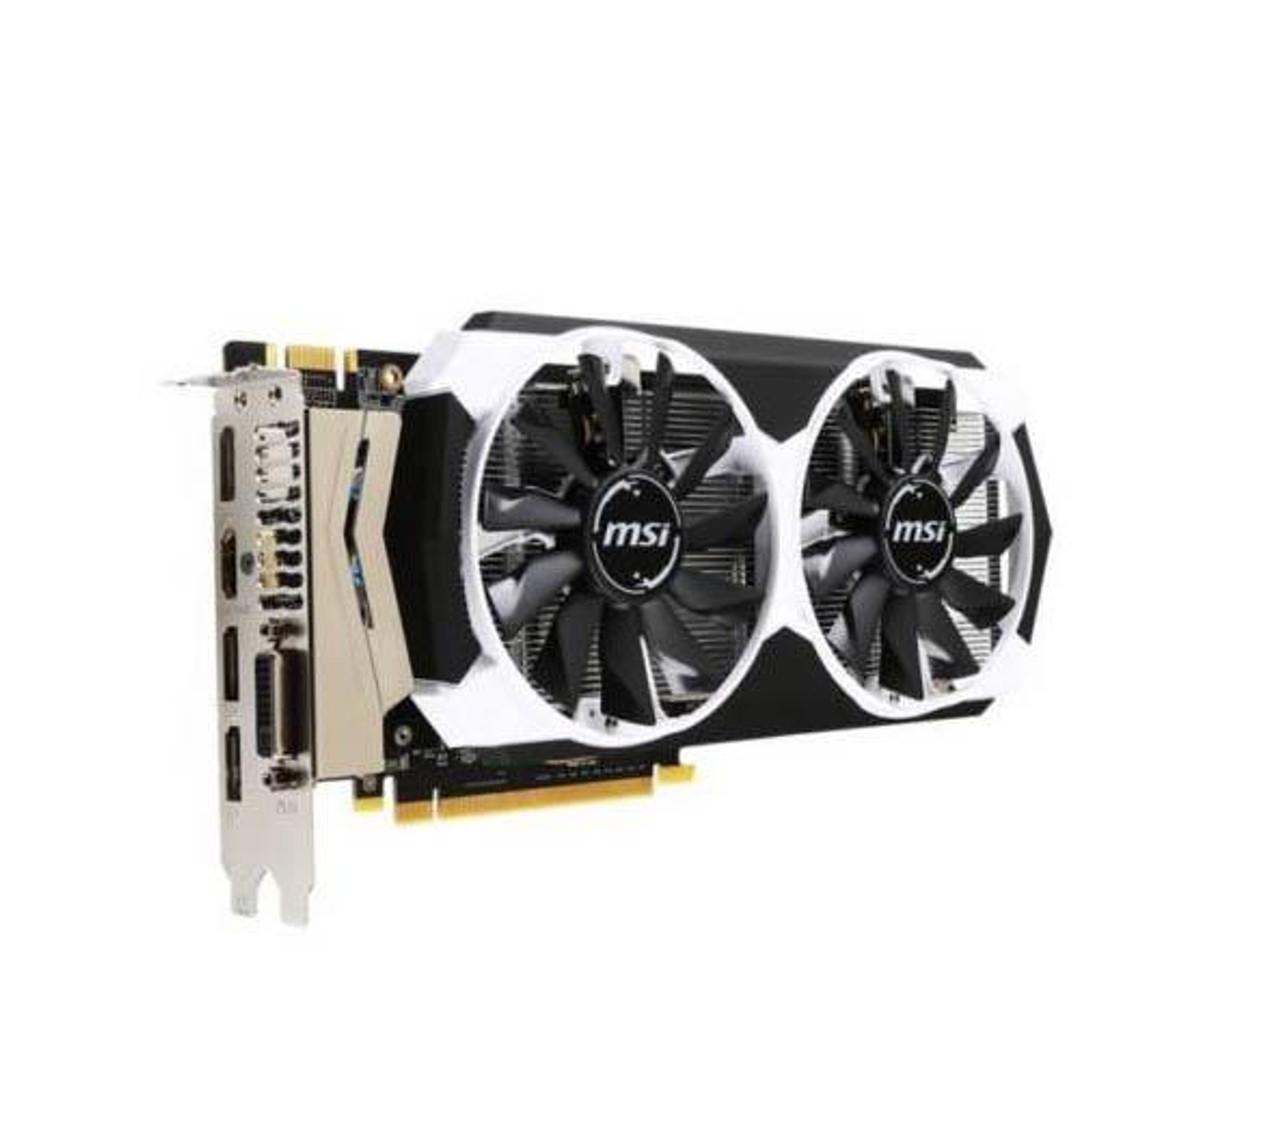 MSI-960A2X MSI NVidia GeForce GTX 960 4GB GDDR5 DVI/HDMI/3x DisplayPort PCI  Express Video Graphics Card